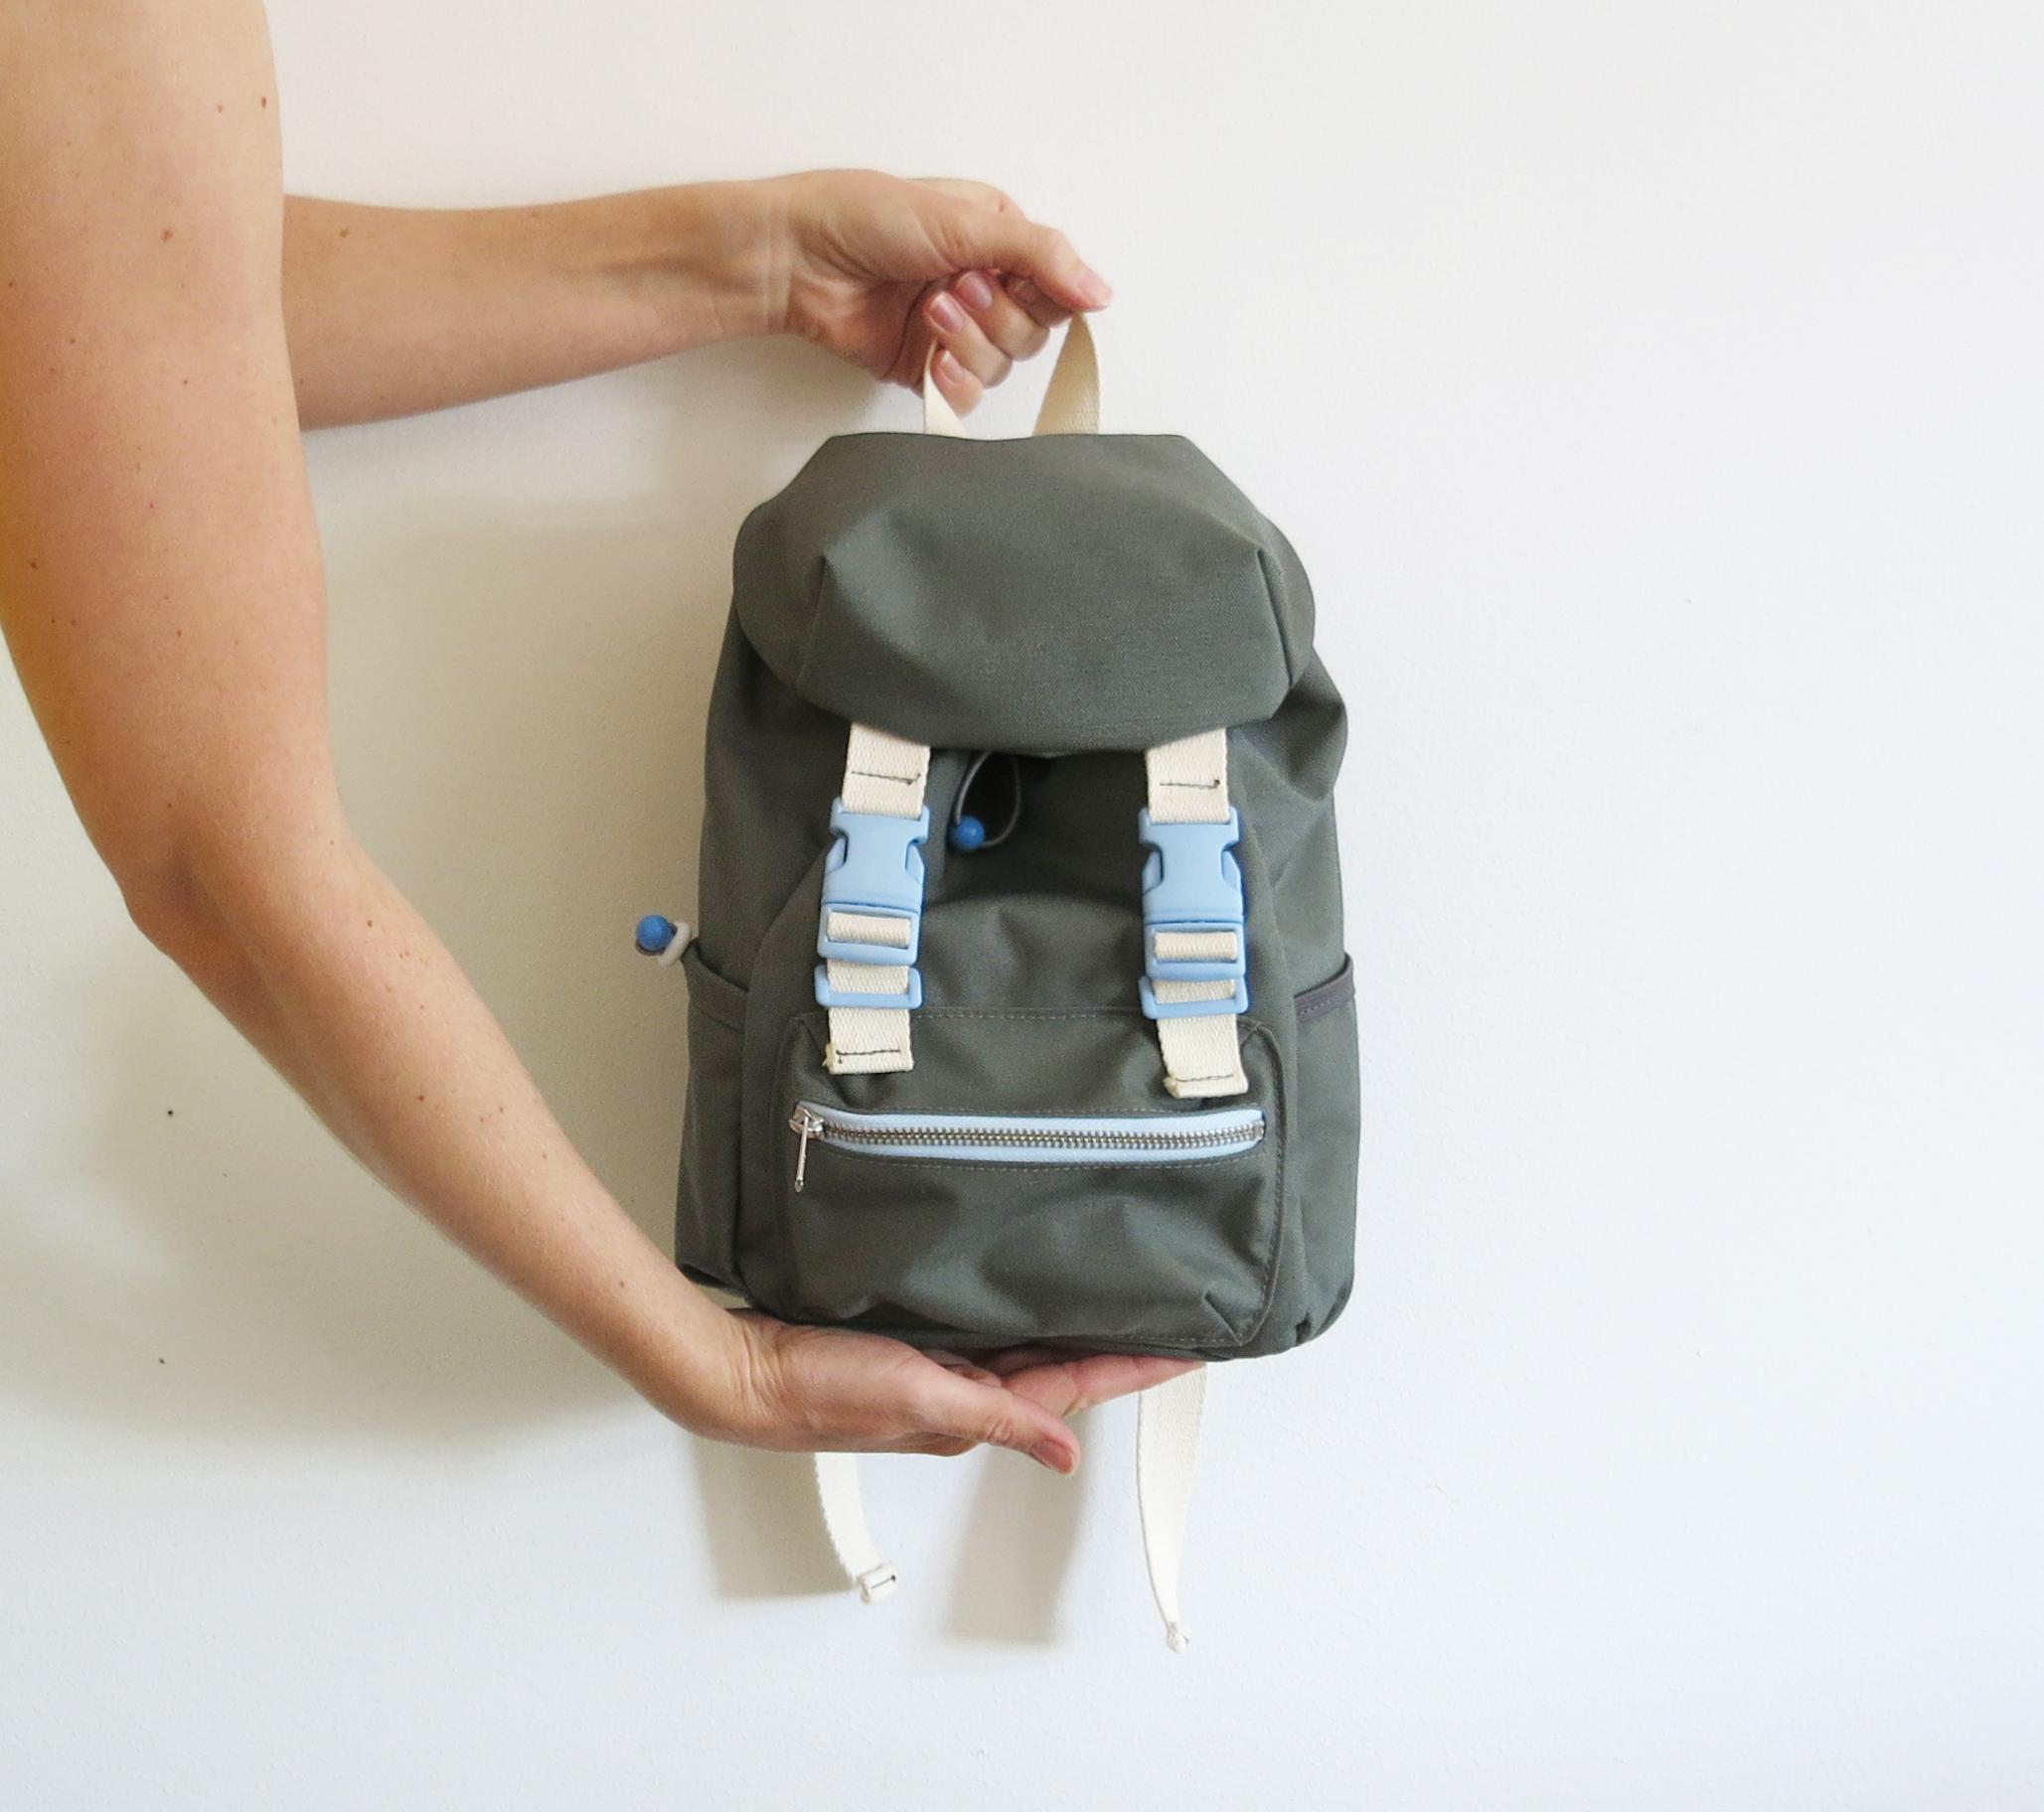 Kinderrucksack No. 2 mit Steckschnallen, Kordelzug und verstellbaren Trägern